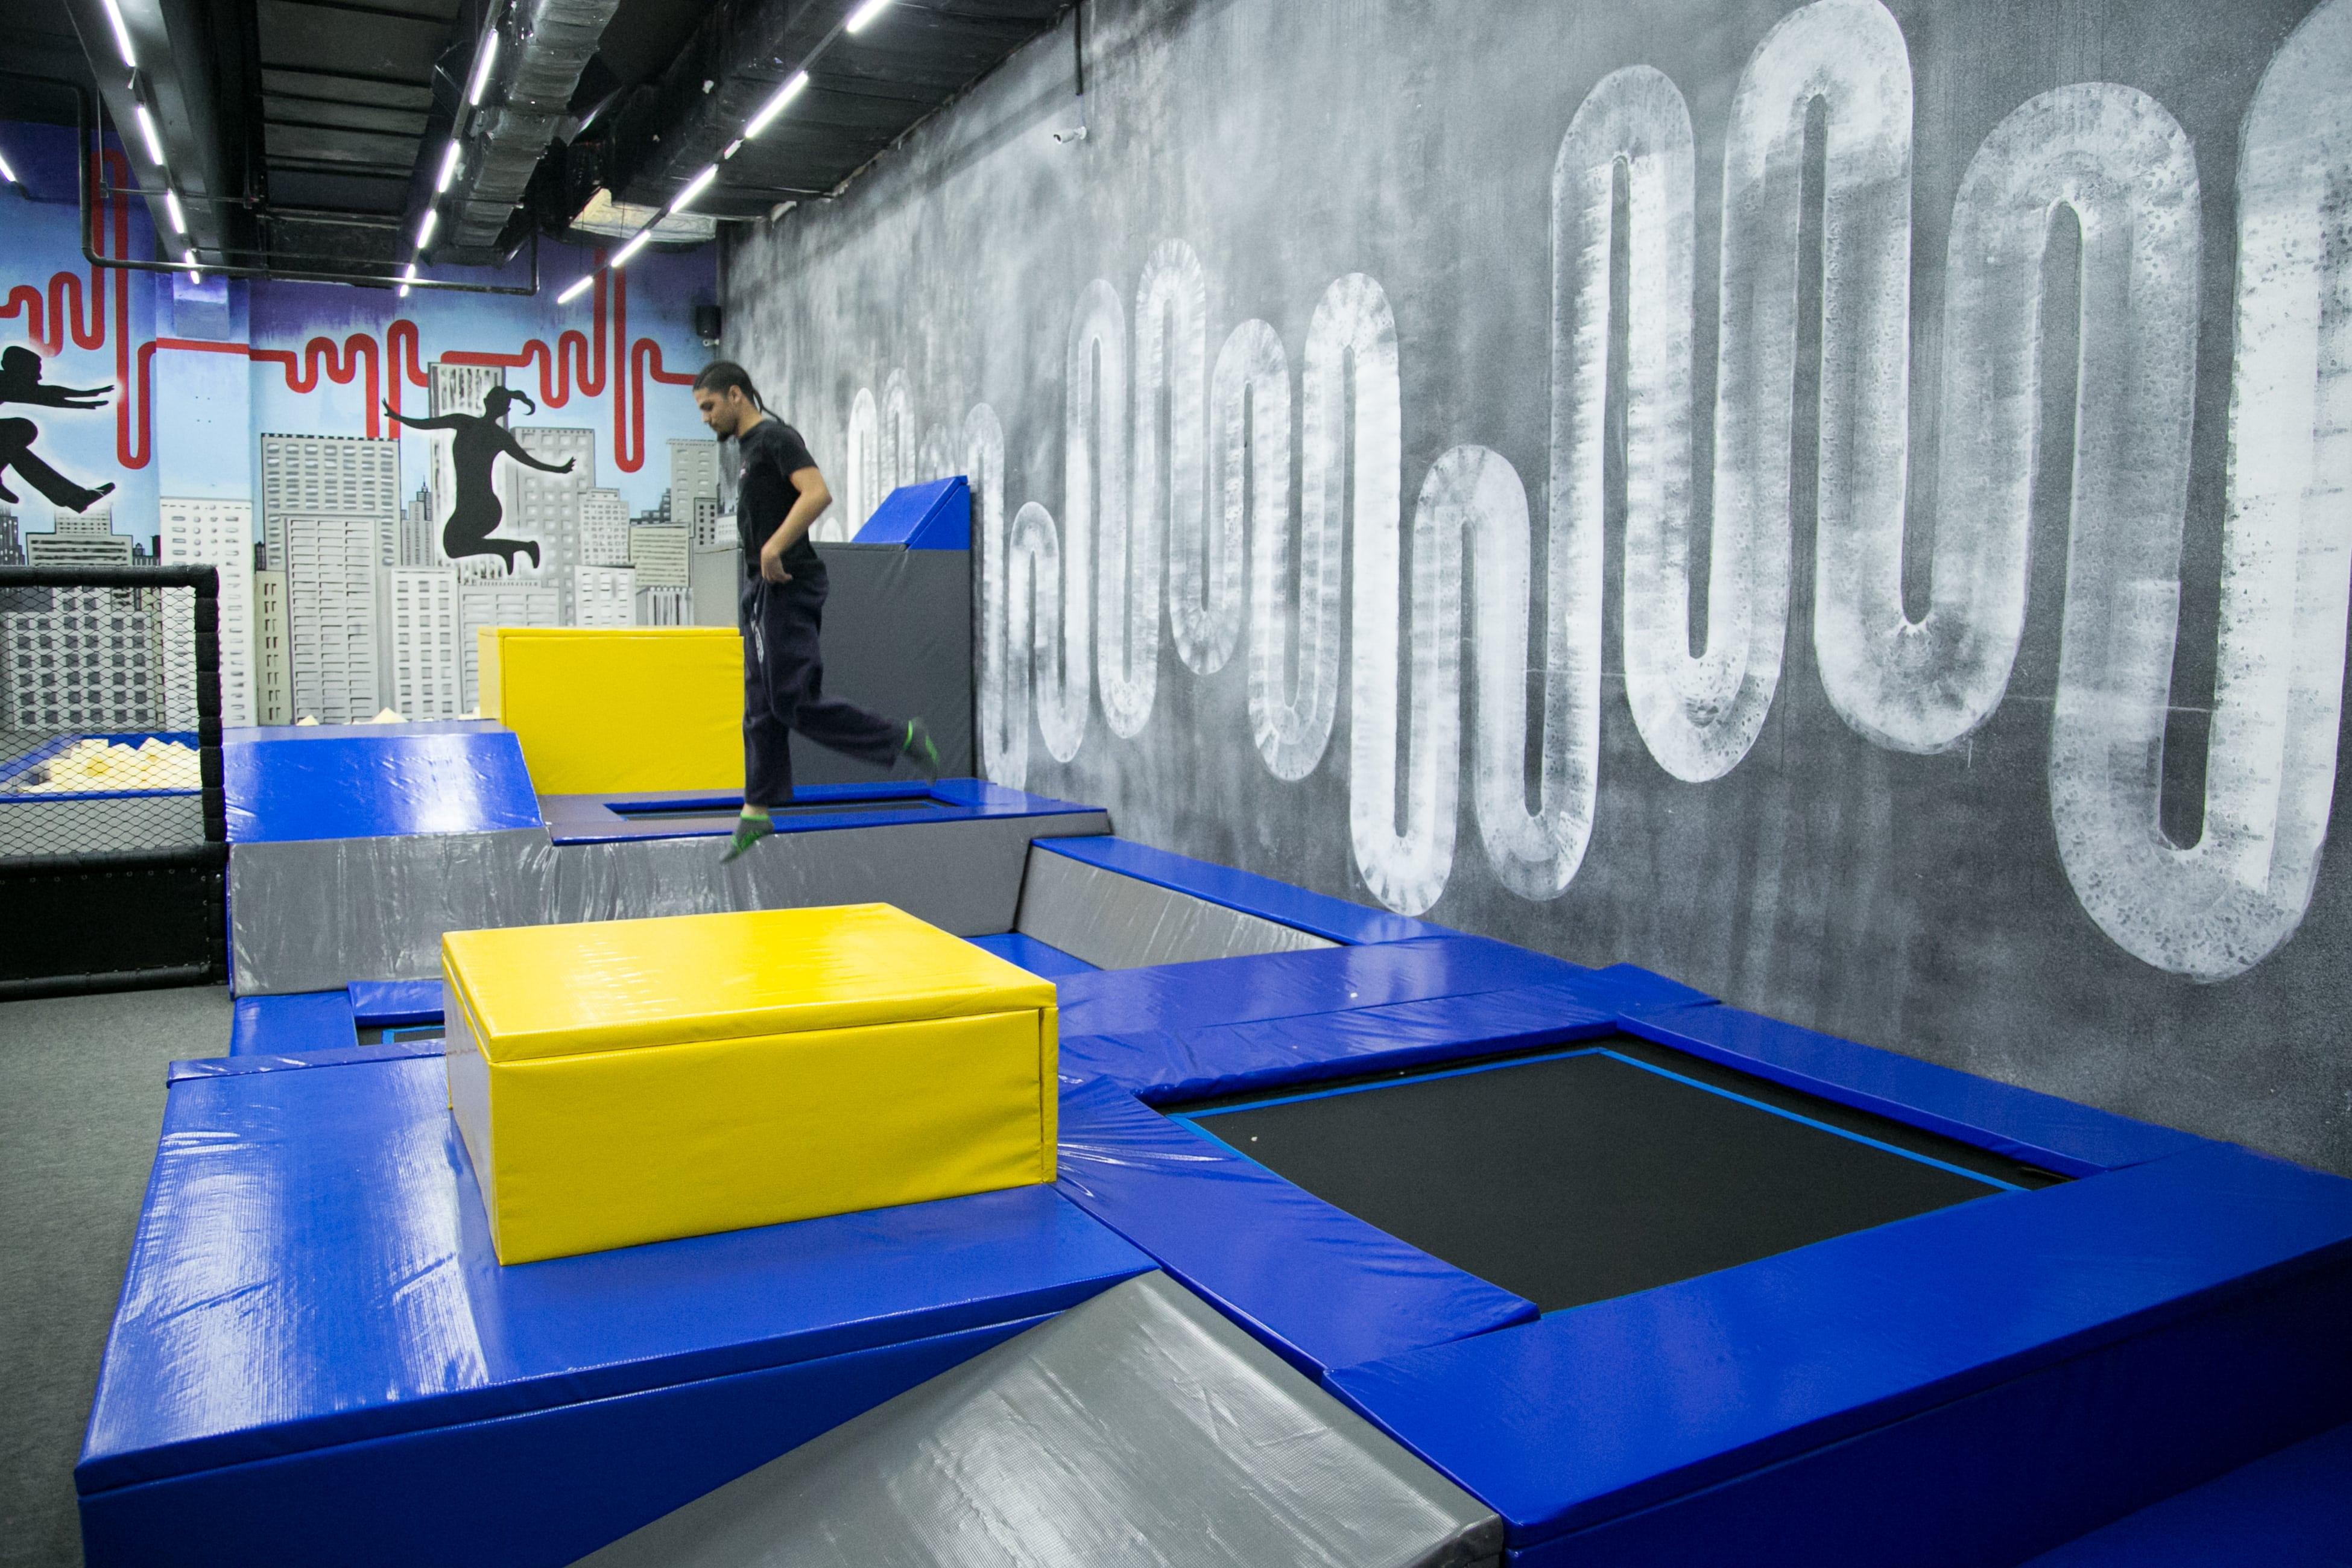 Circuito propõe muita diversão em trampolins e piscinas de bolinhas (Juliana Lubini/Divulgação)